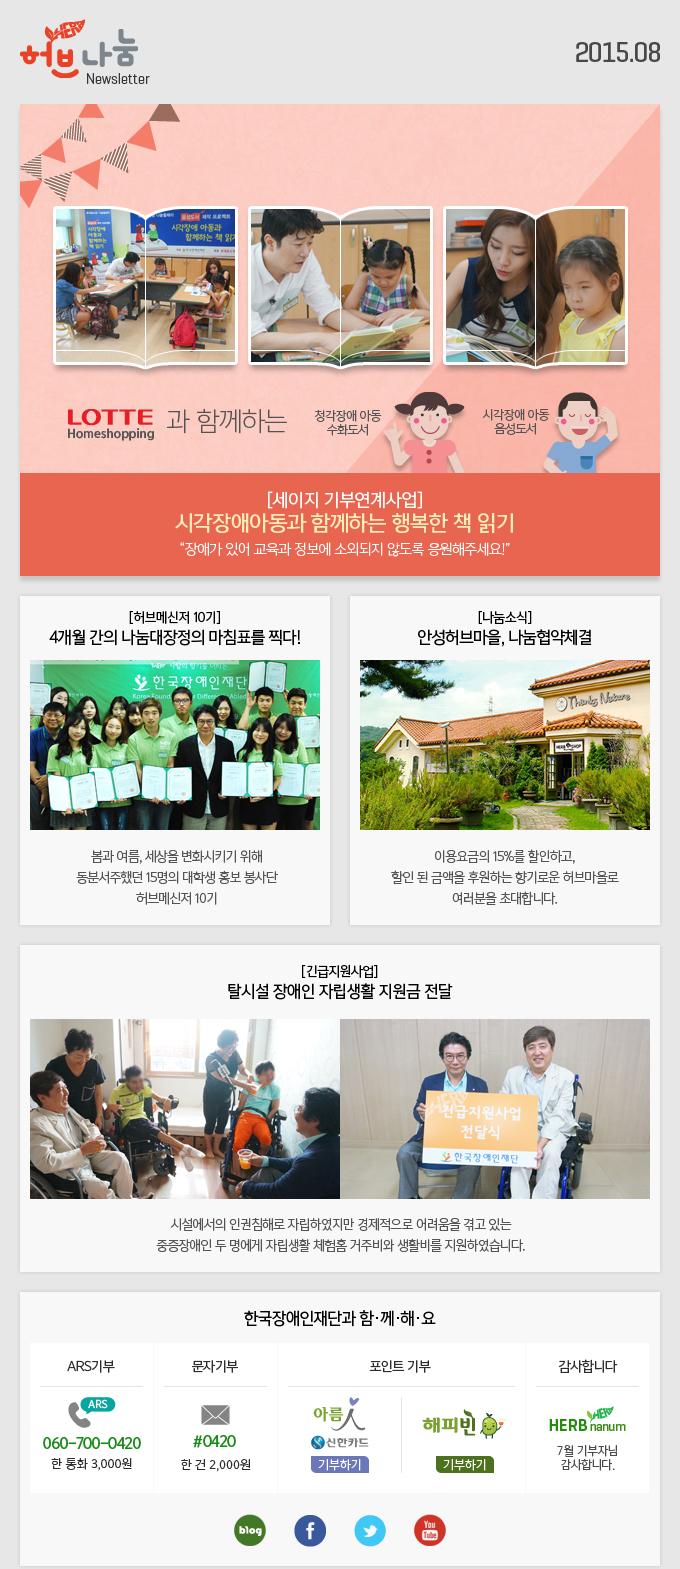 허브나눔 Newsletter 2015.08 한국장애인재단과 함·께·해·요 ARS기부 ARS 060-700-0420 한 통화 3,000원